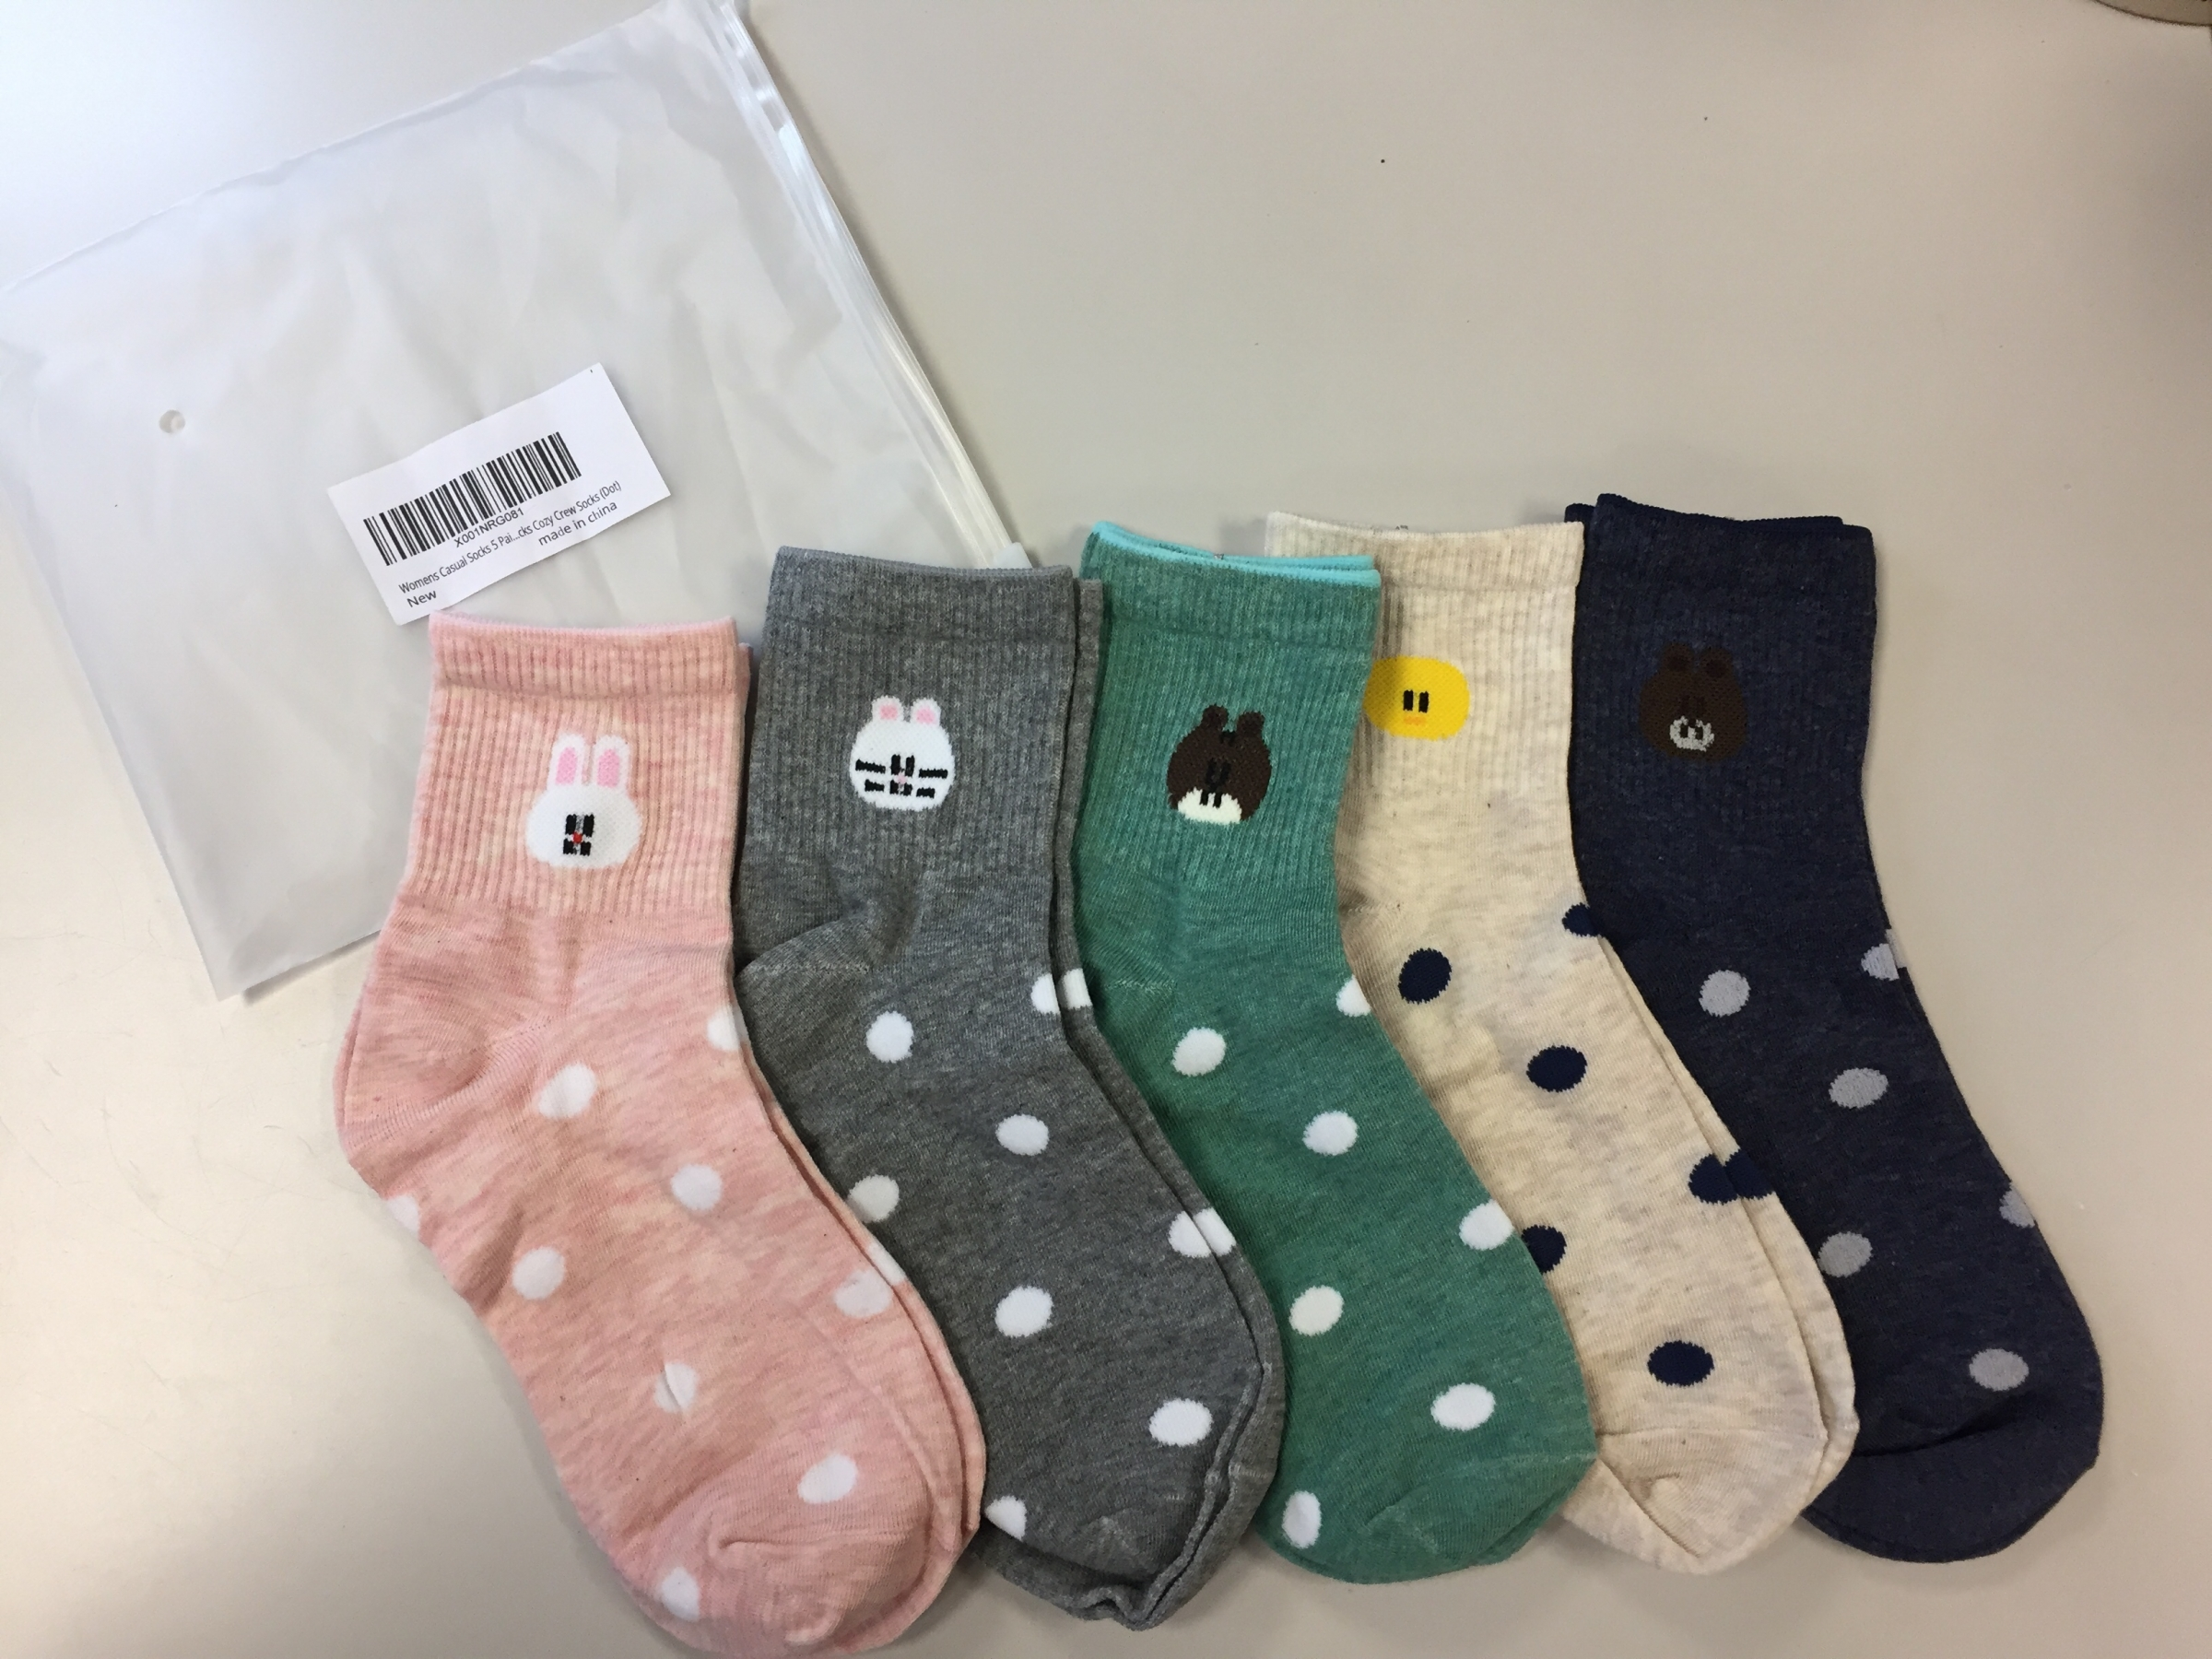 Adorable socks